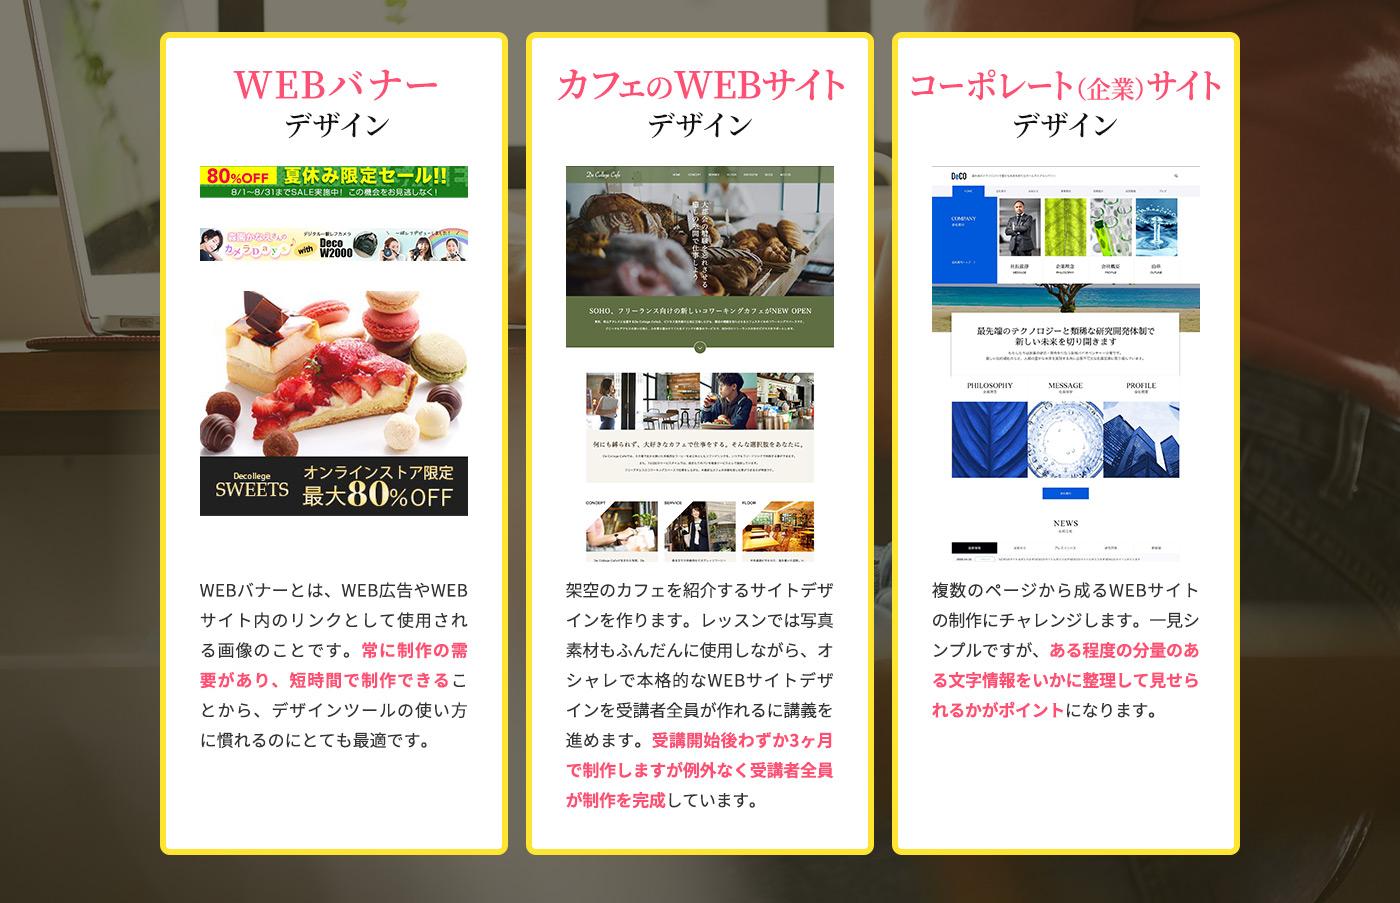 WEBバナーデザイン/カフェのWEBサイトデザイン/コーポレート(企業)サイトデザイン